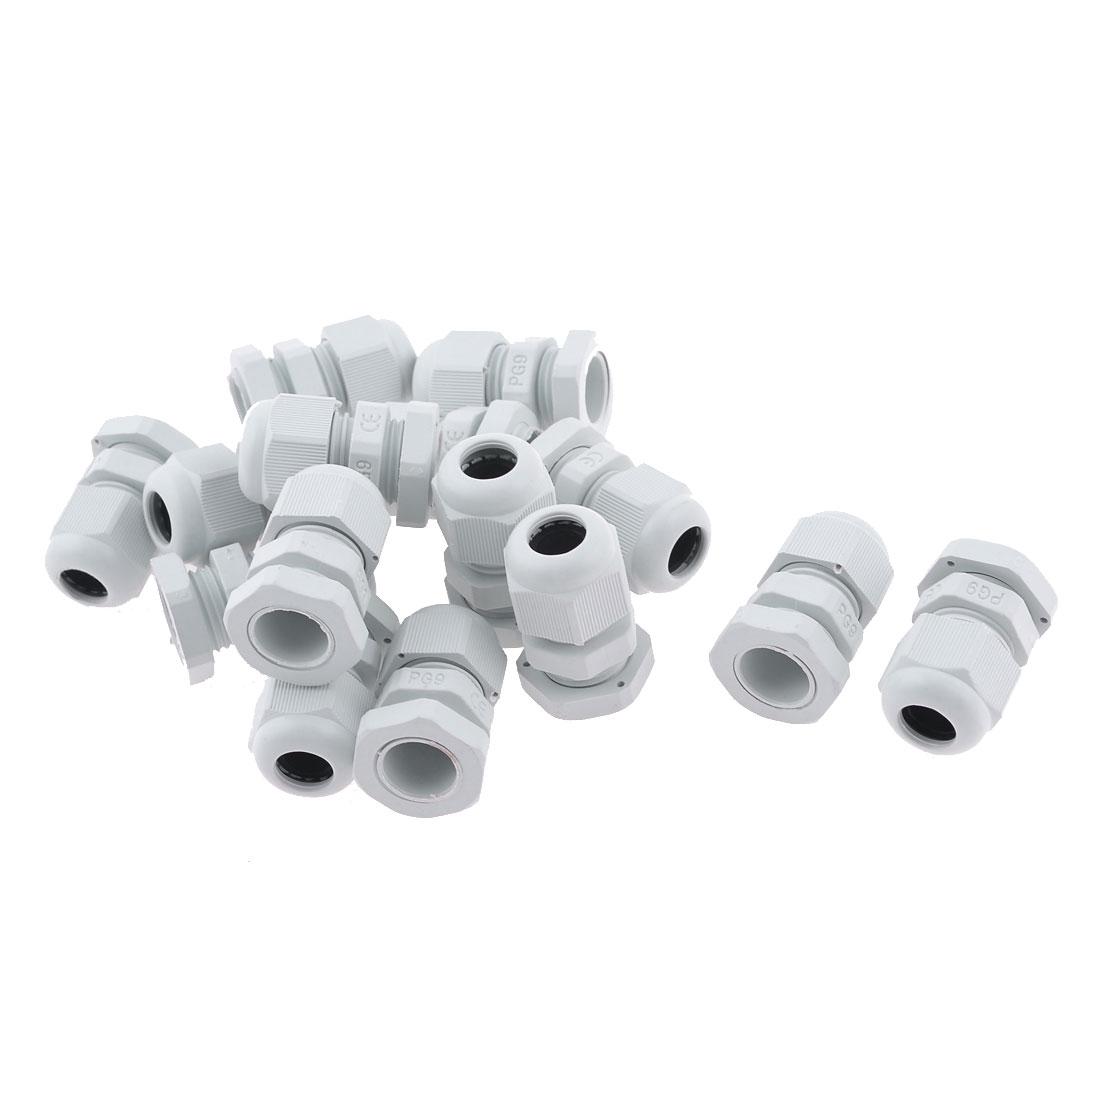 White Plastic 4-8mm Cables PG9 Waterproof Cable Connectors 15 Pcs